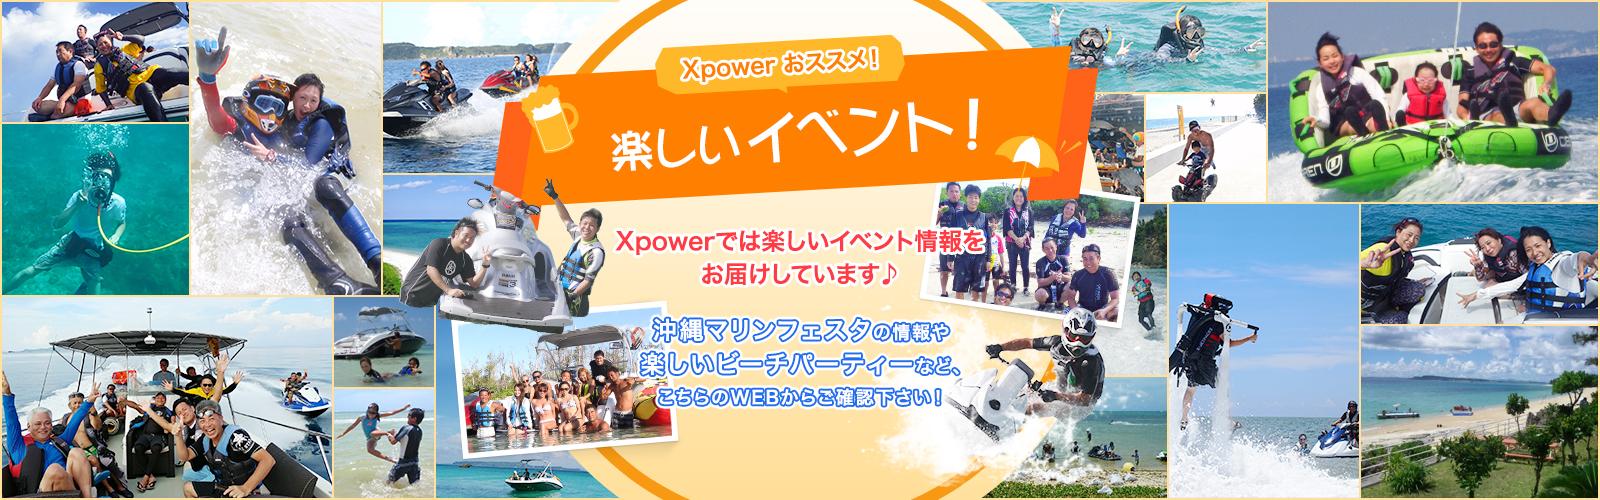 Xpower(エックスパワー)では楽しいイベント情報をお届けしています♪